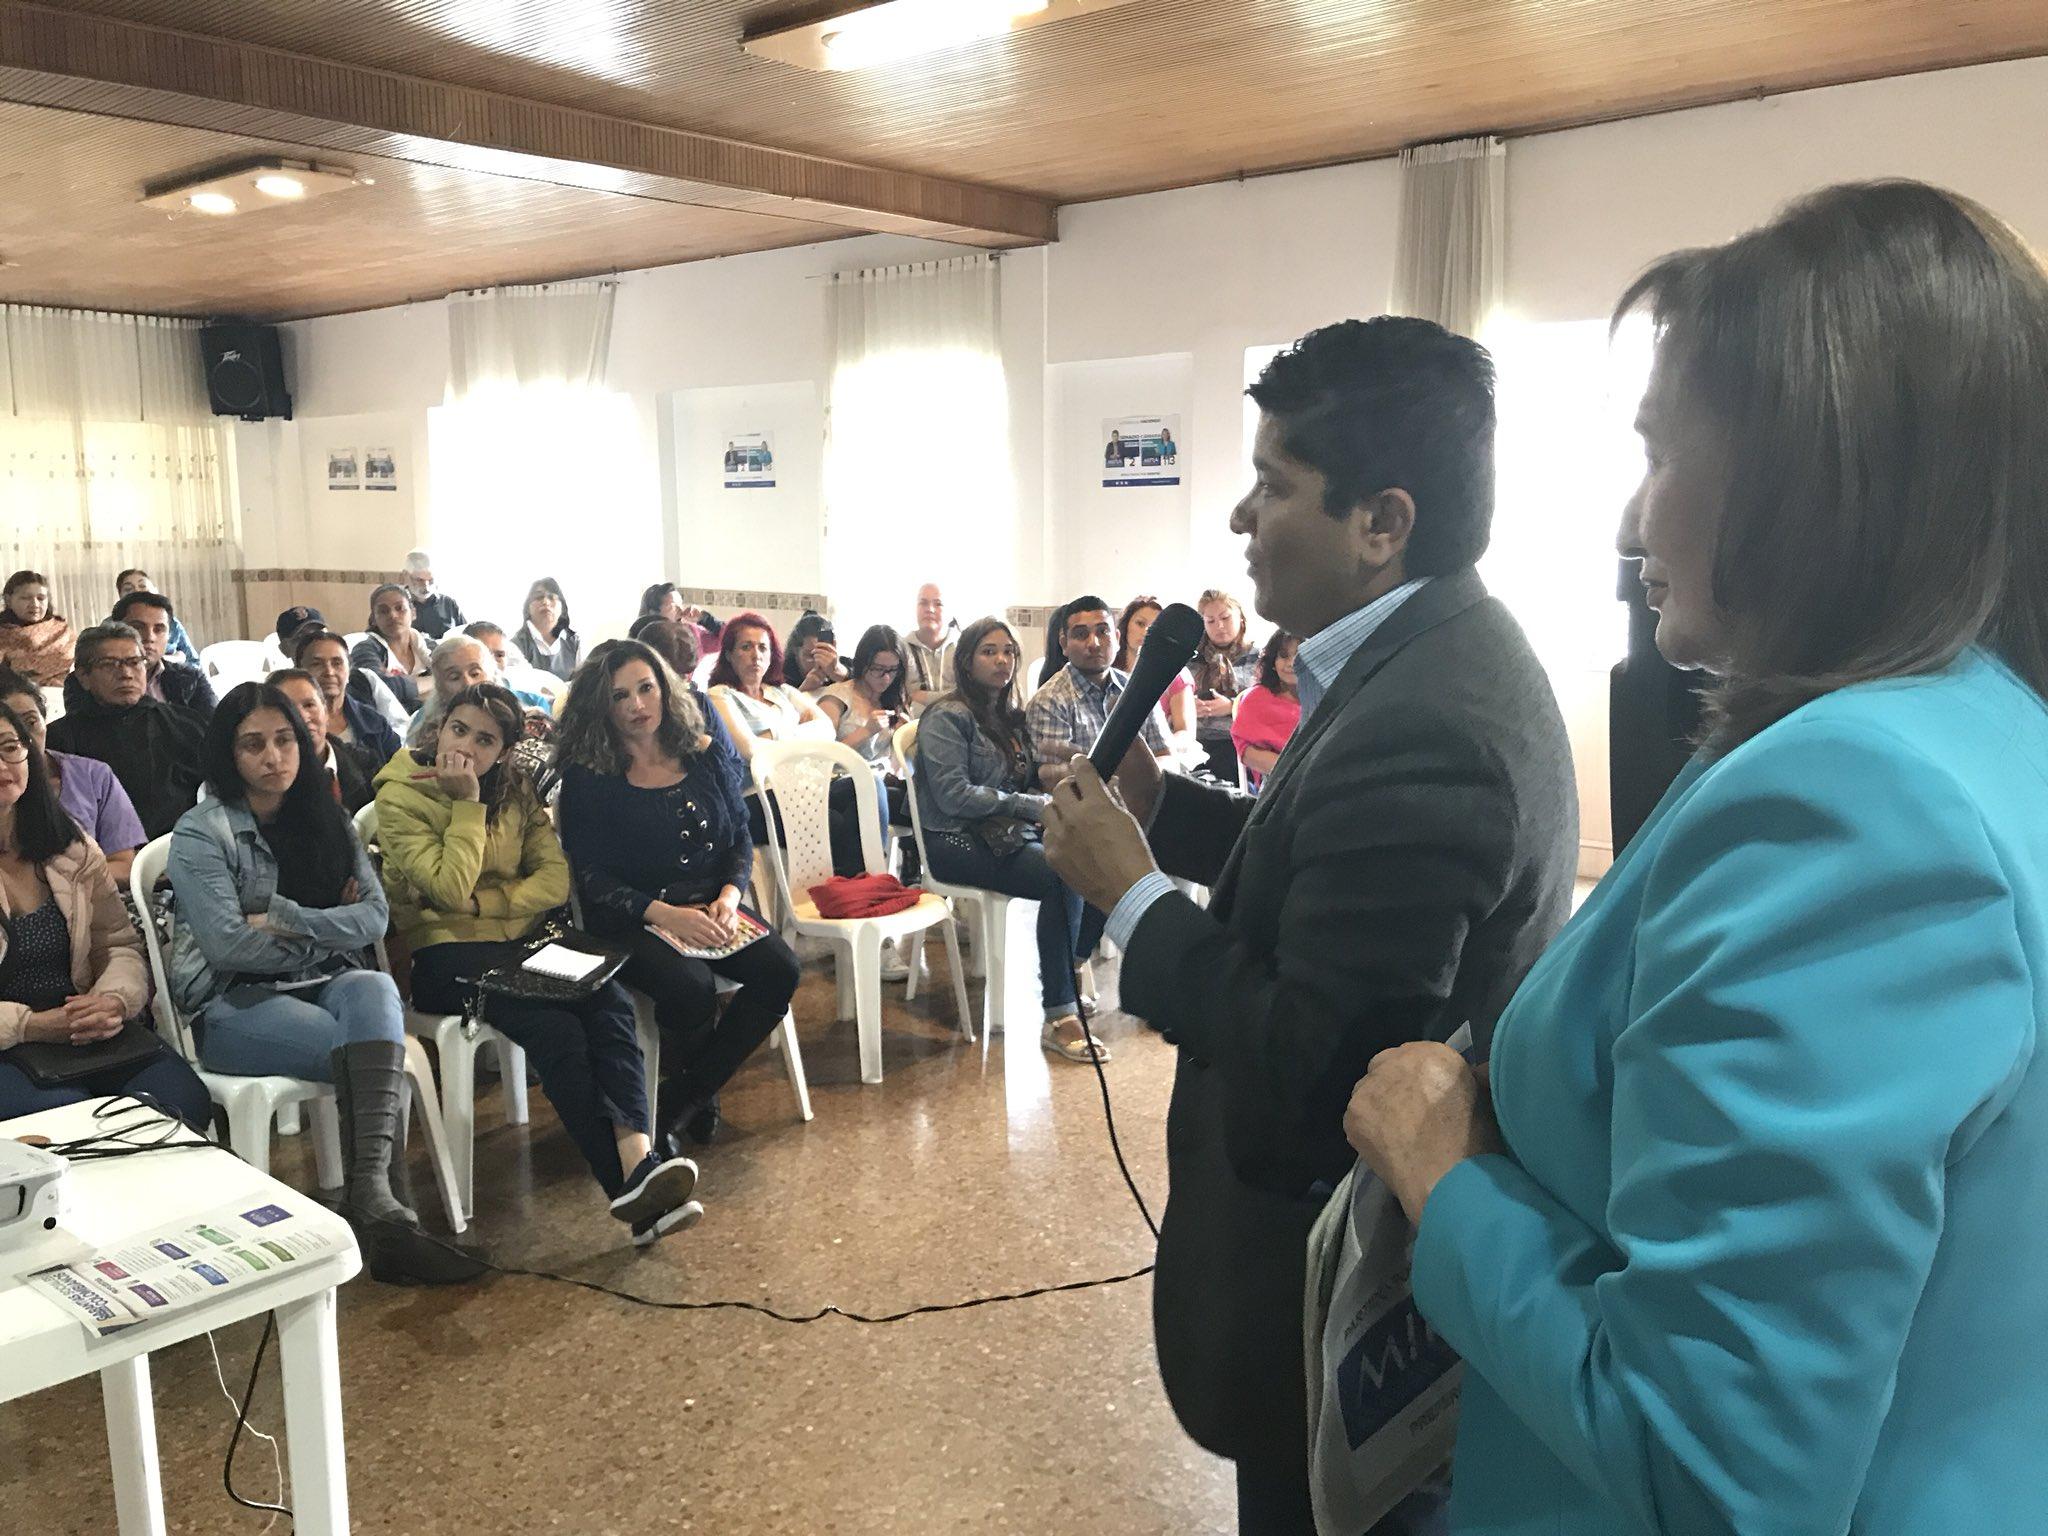 #SenadoMIRA2 En la localidad de Engativá estamos con Mujeres Emprendedoras. Desde el Congreso con  Blanca Cecilia #CamaraMIRA113  trabajaremos para impulsar al pequeño empresario @Baena https://t.co/g4Qh0y9T6B